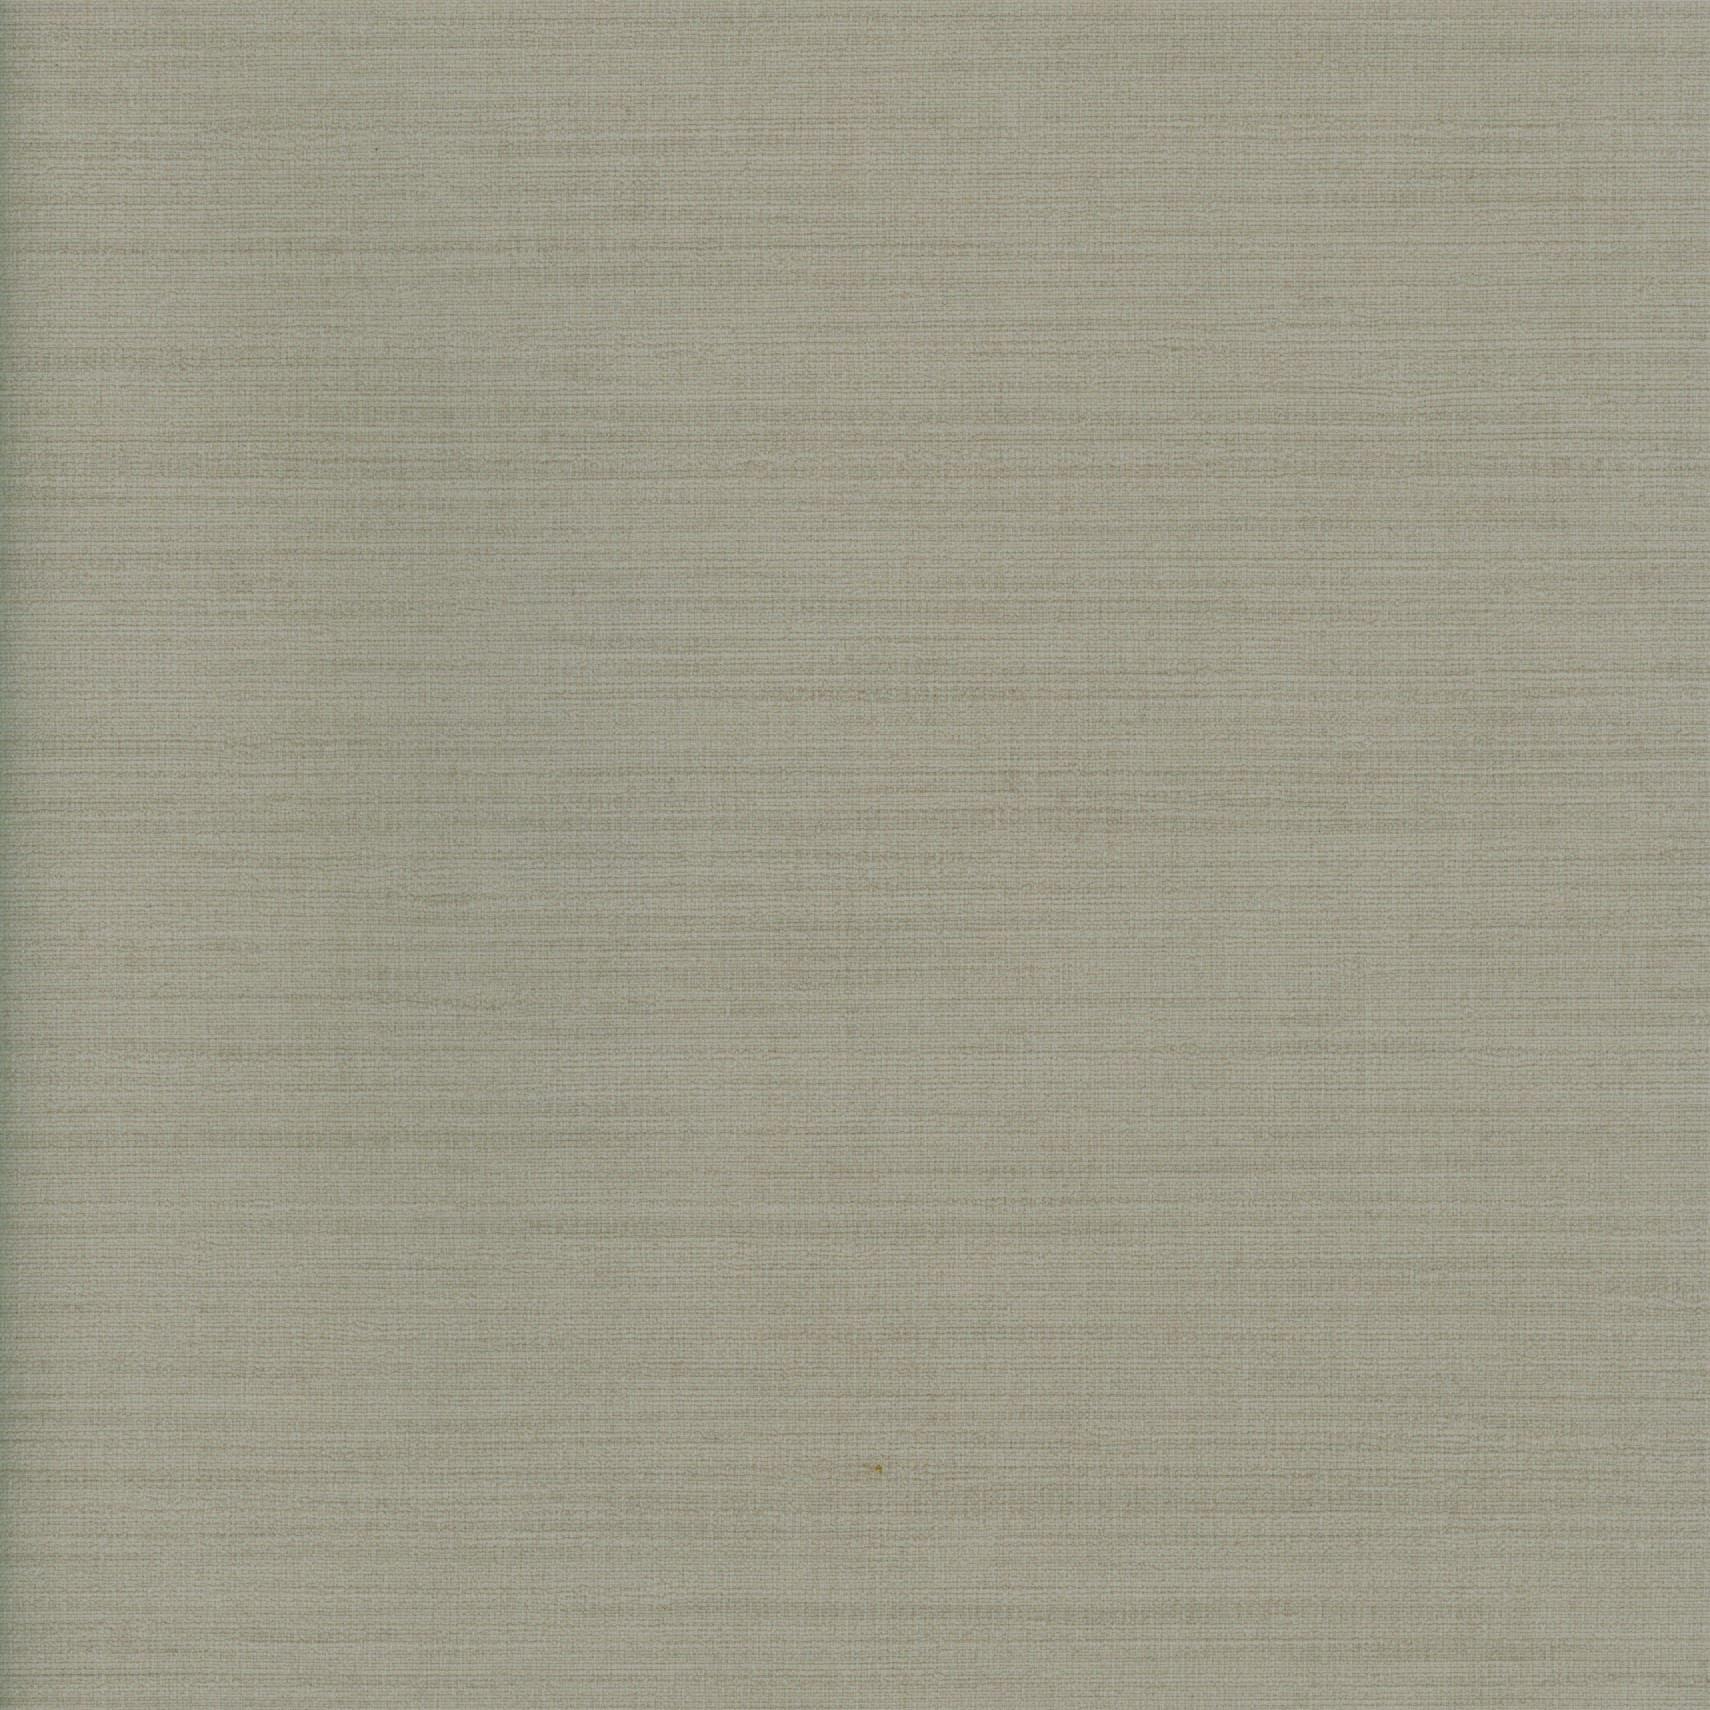 Papel de Parede Pure 2 Aspecto Têxtil 187803 - Rolo: 10m x 0,53m